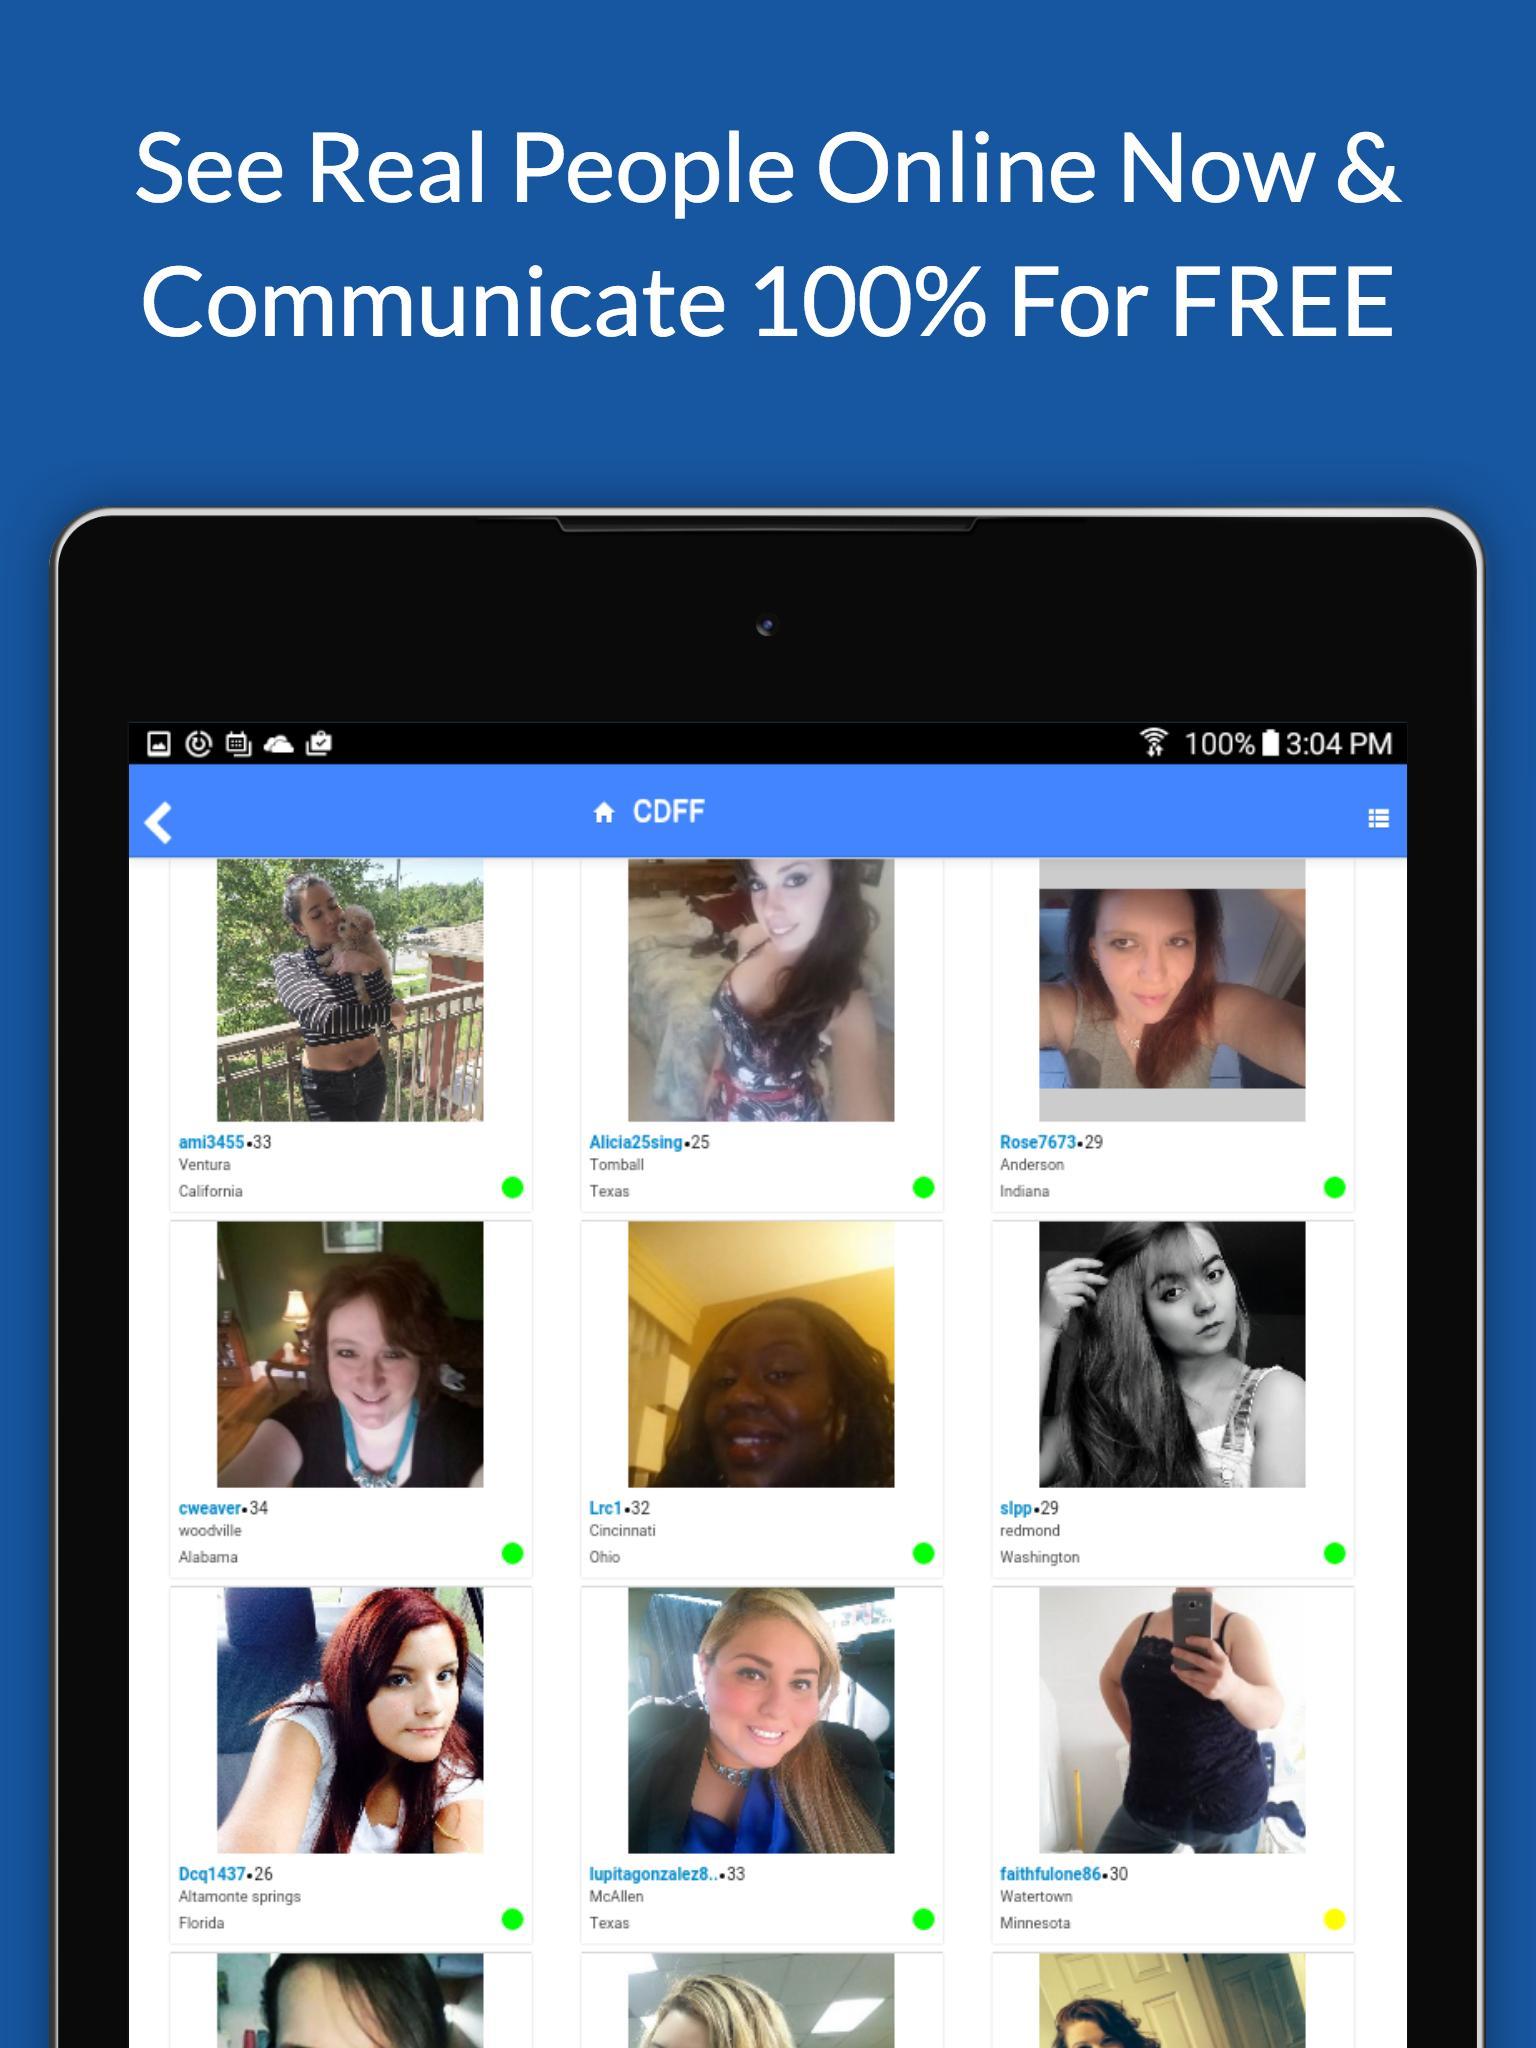 gratuit Christian Dating Minnesota rencontre des profils de rencontres